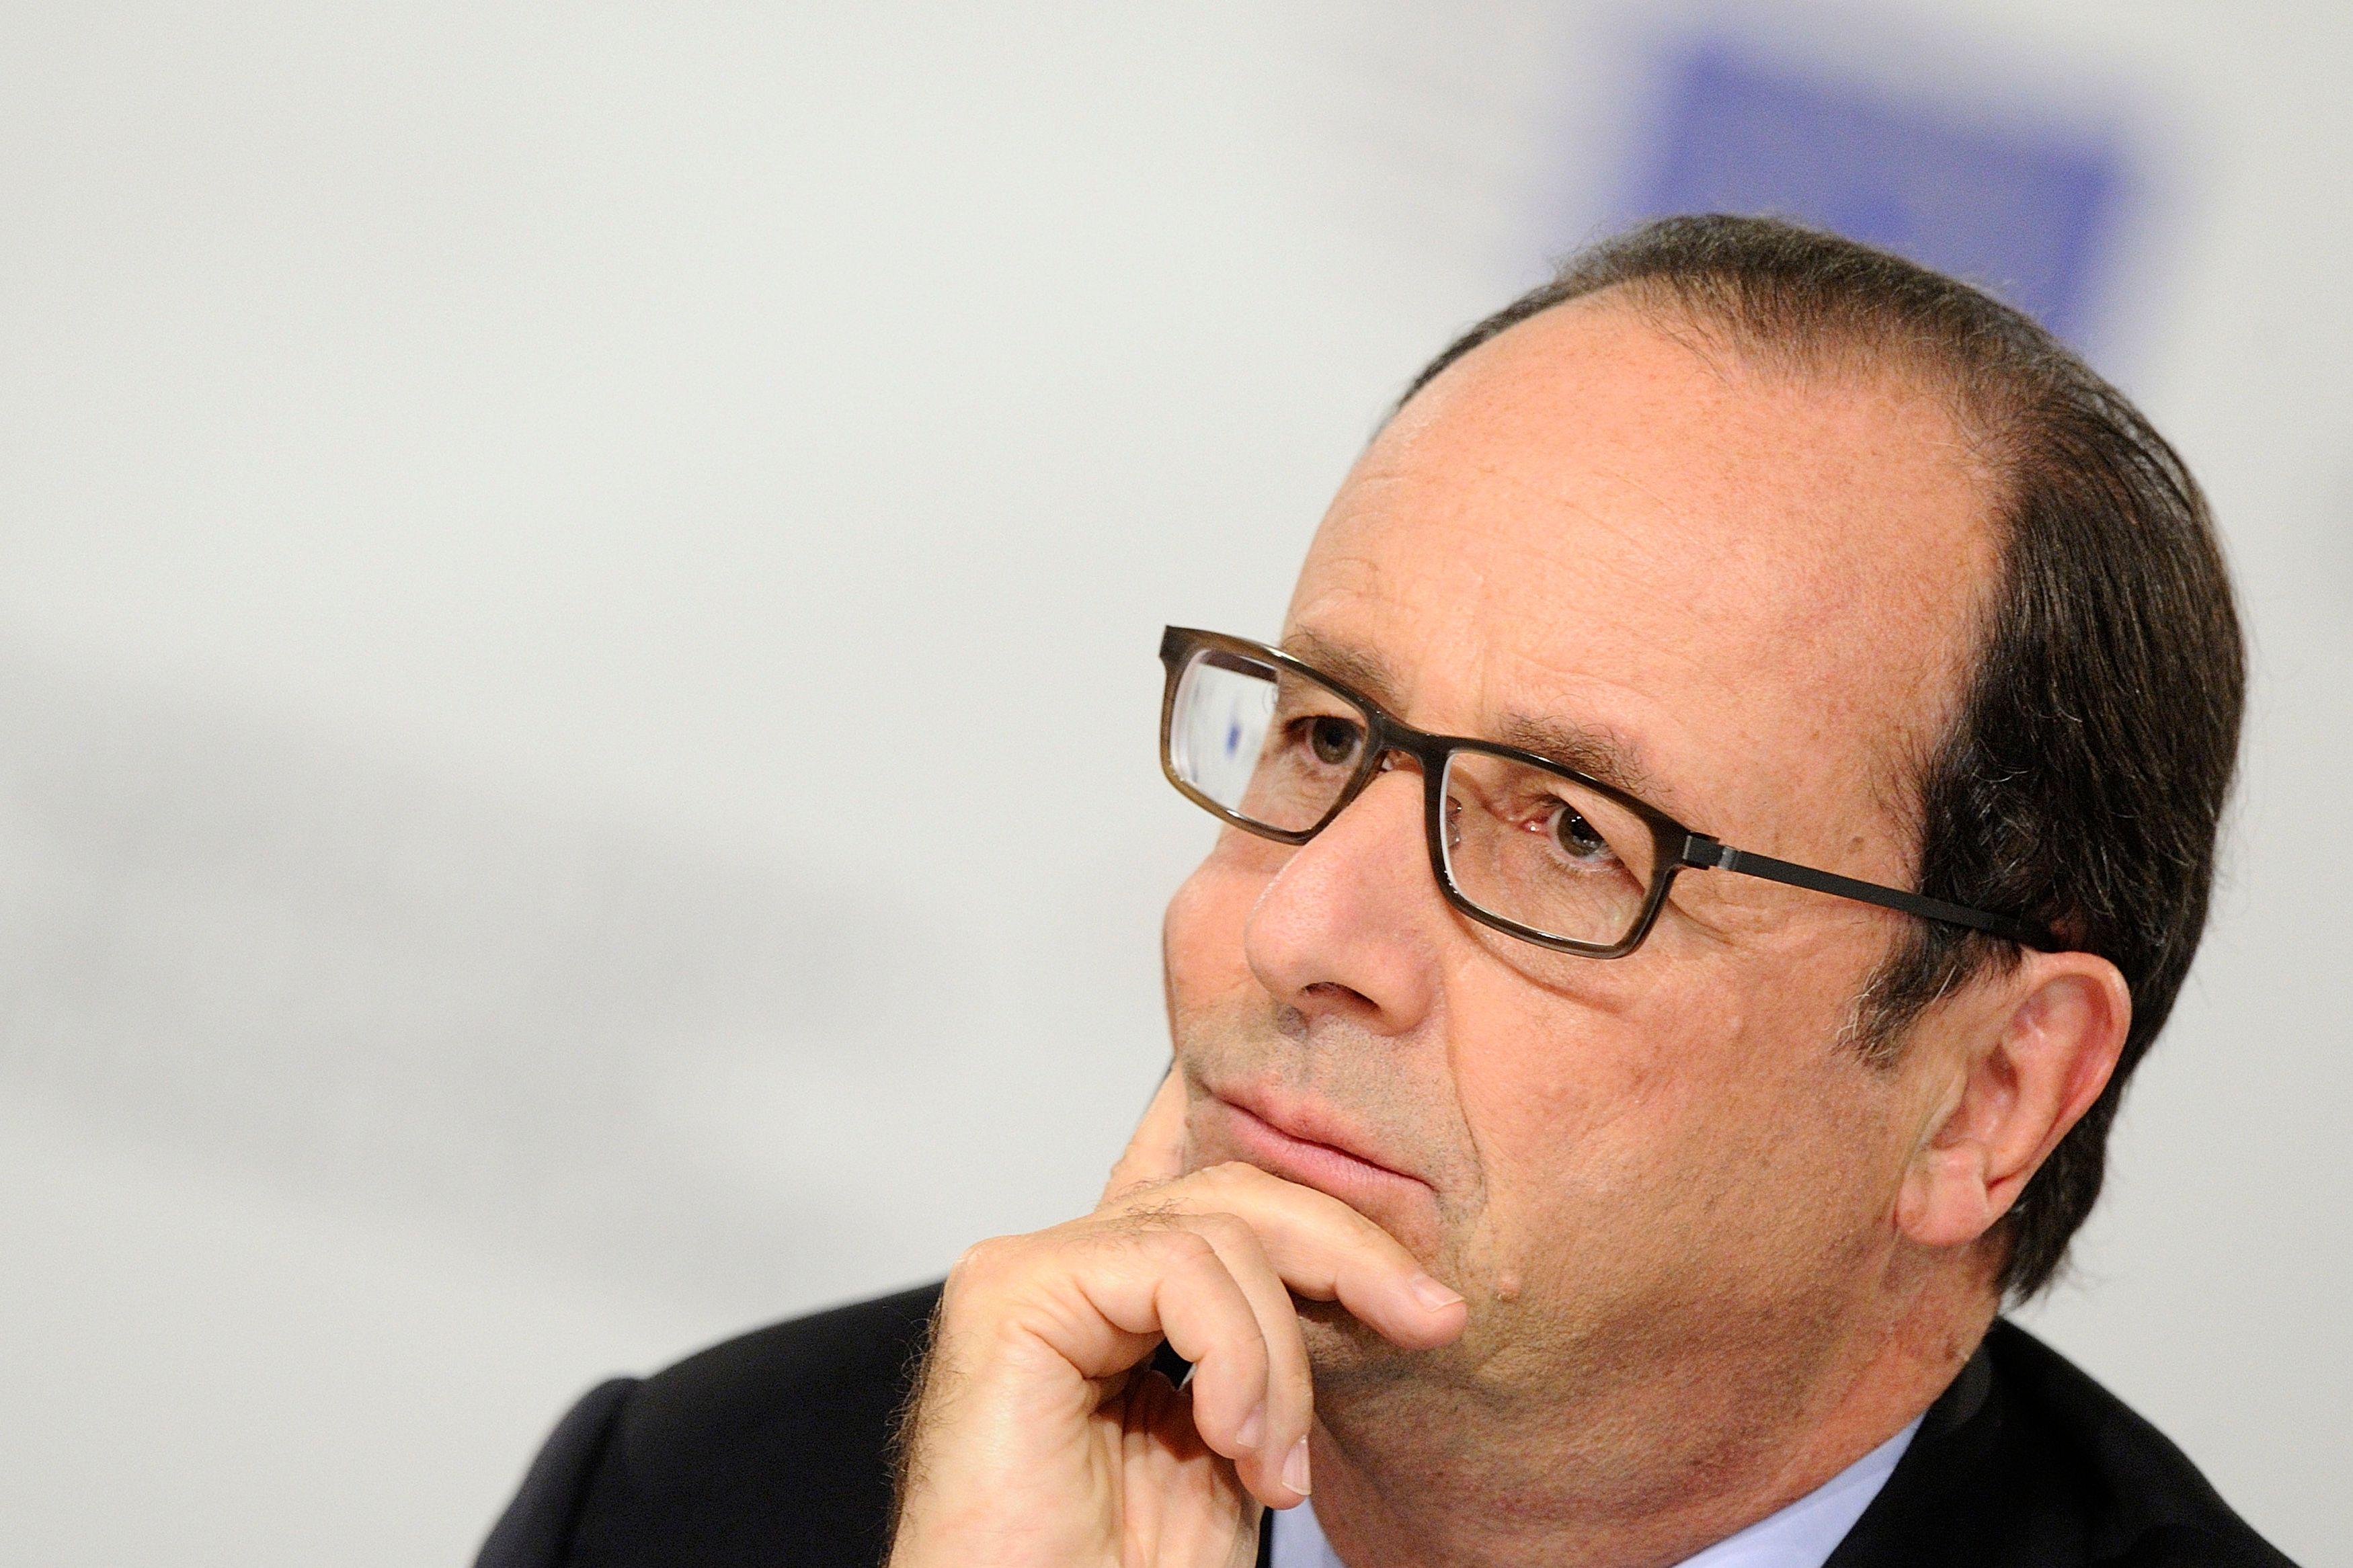 Quand le baron Necker rencontre François Hollande : la dernière chance de sauver la présidence du naufrage ?